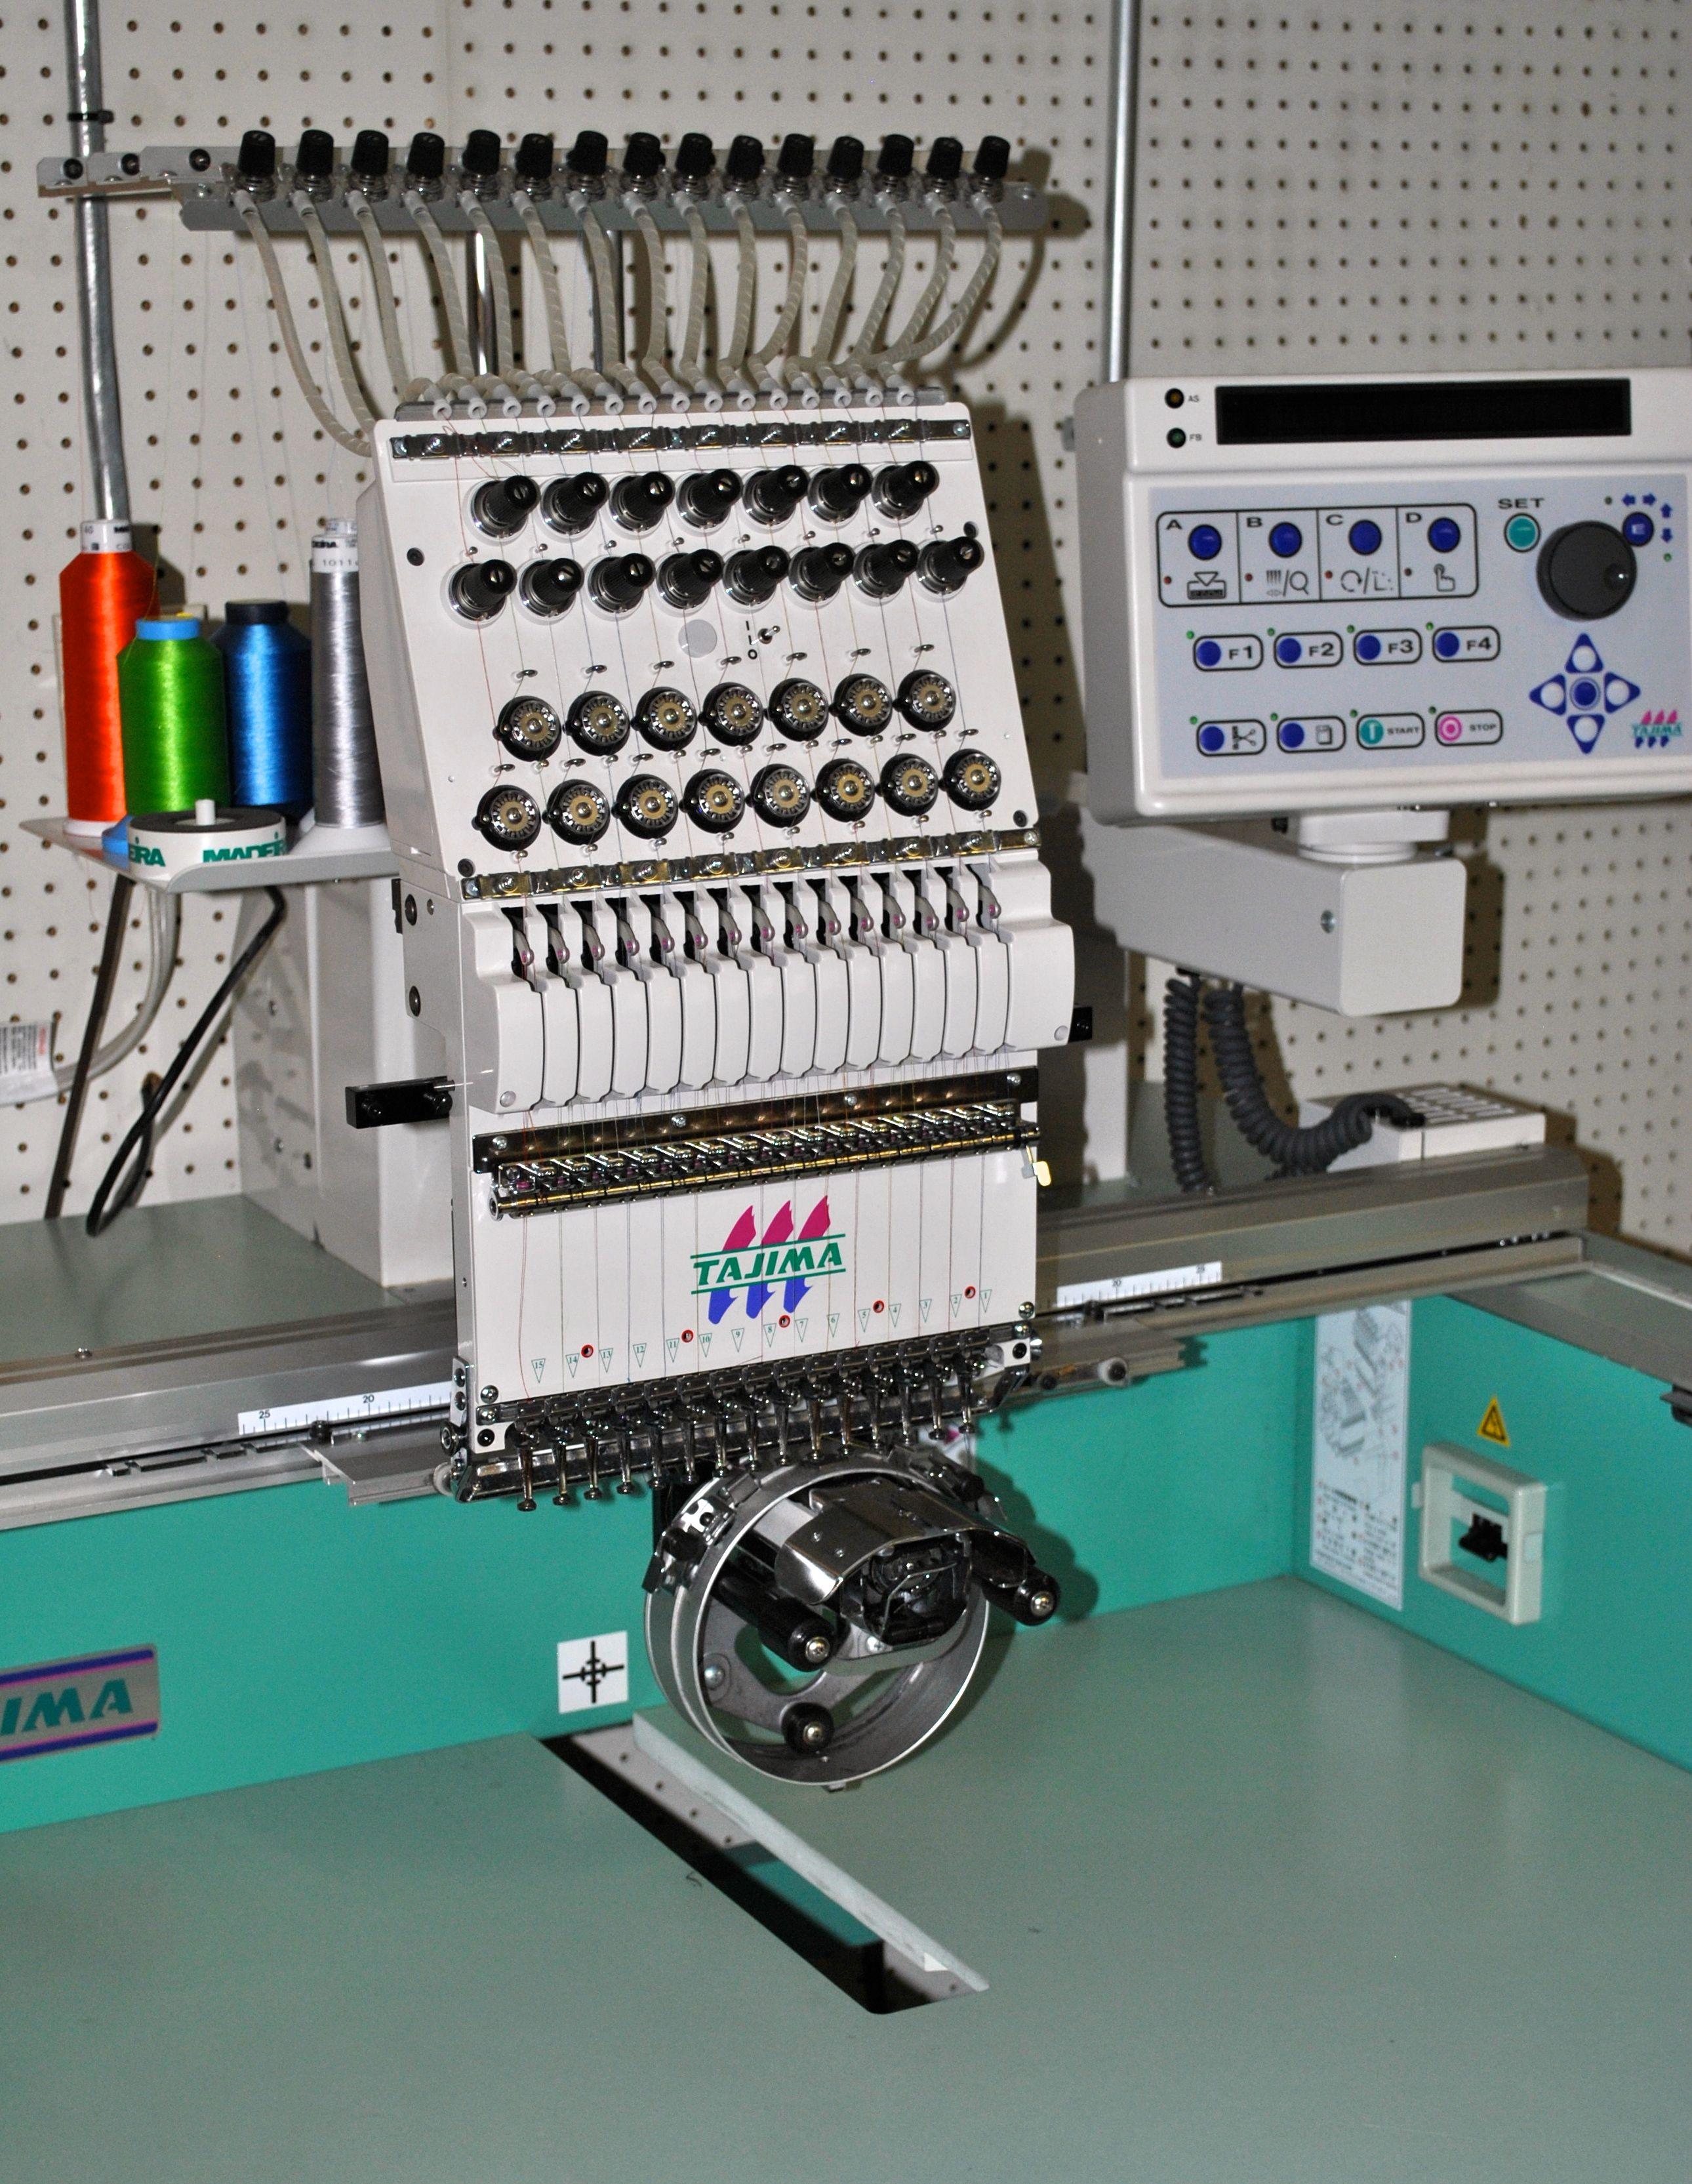 Tajima Embroidery Machine With Thread